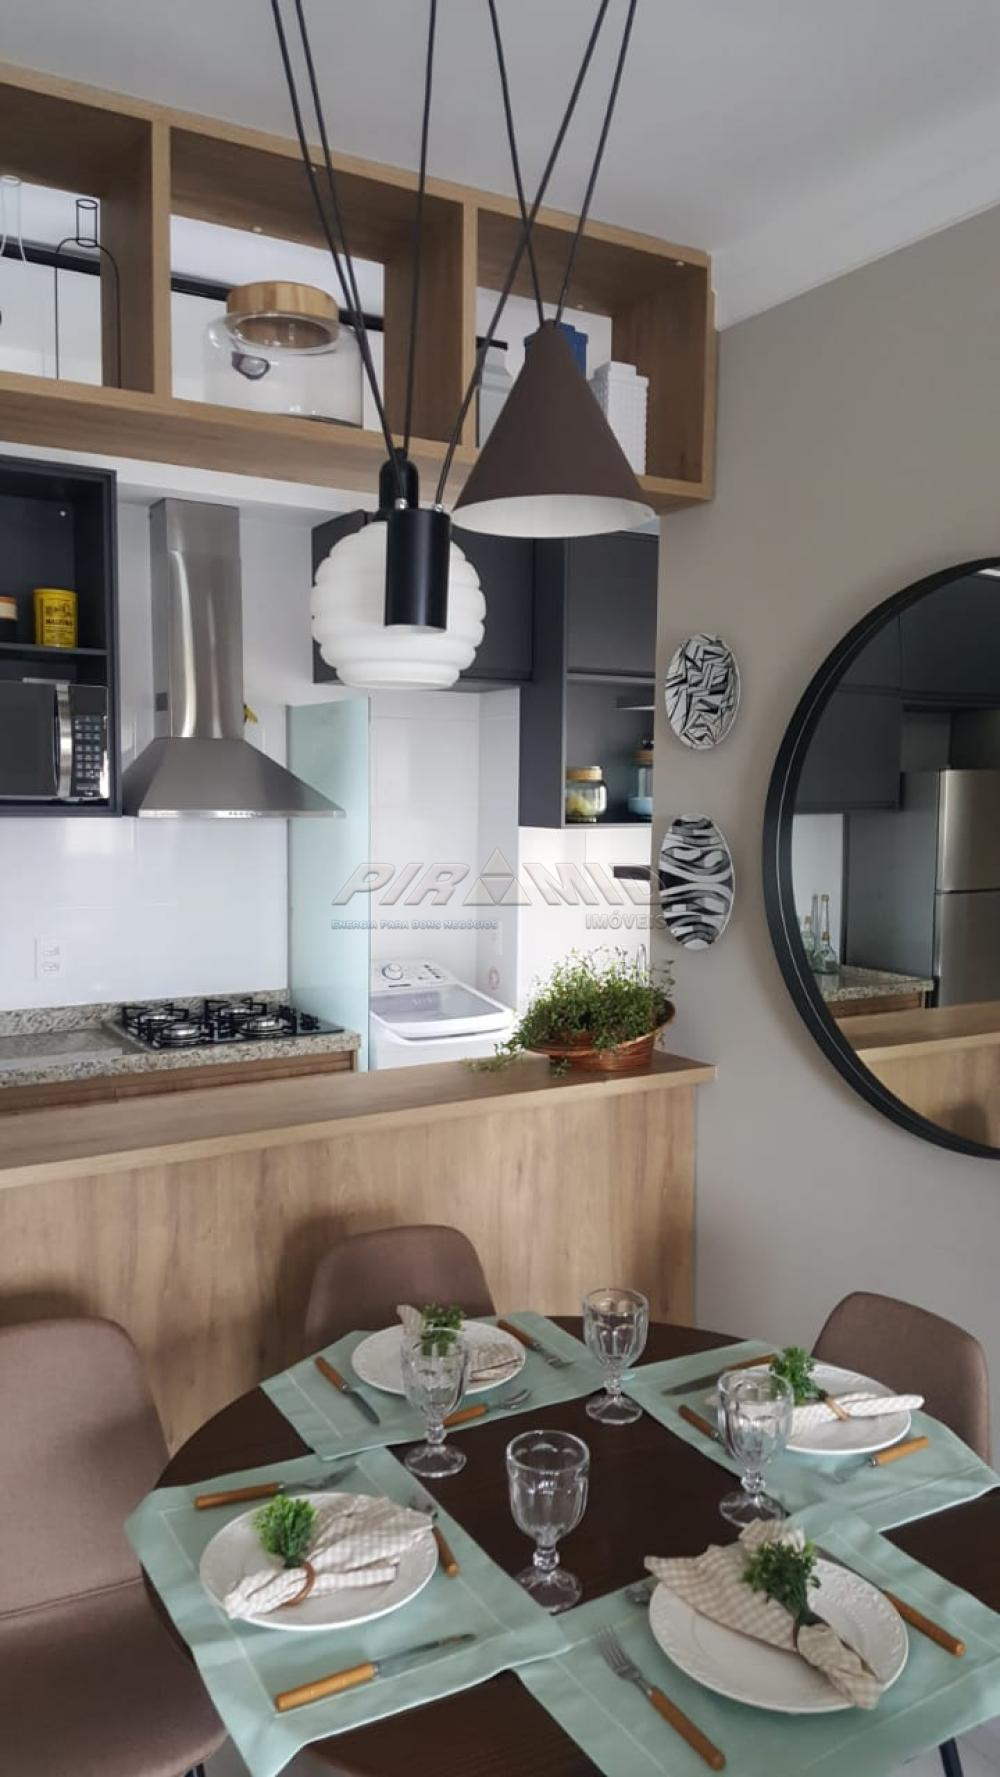 Comprar Apartamento / Padrão em Ribeirão Preto apenas R$ 203.320,00 - Foto 4